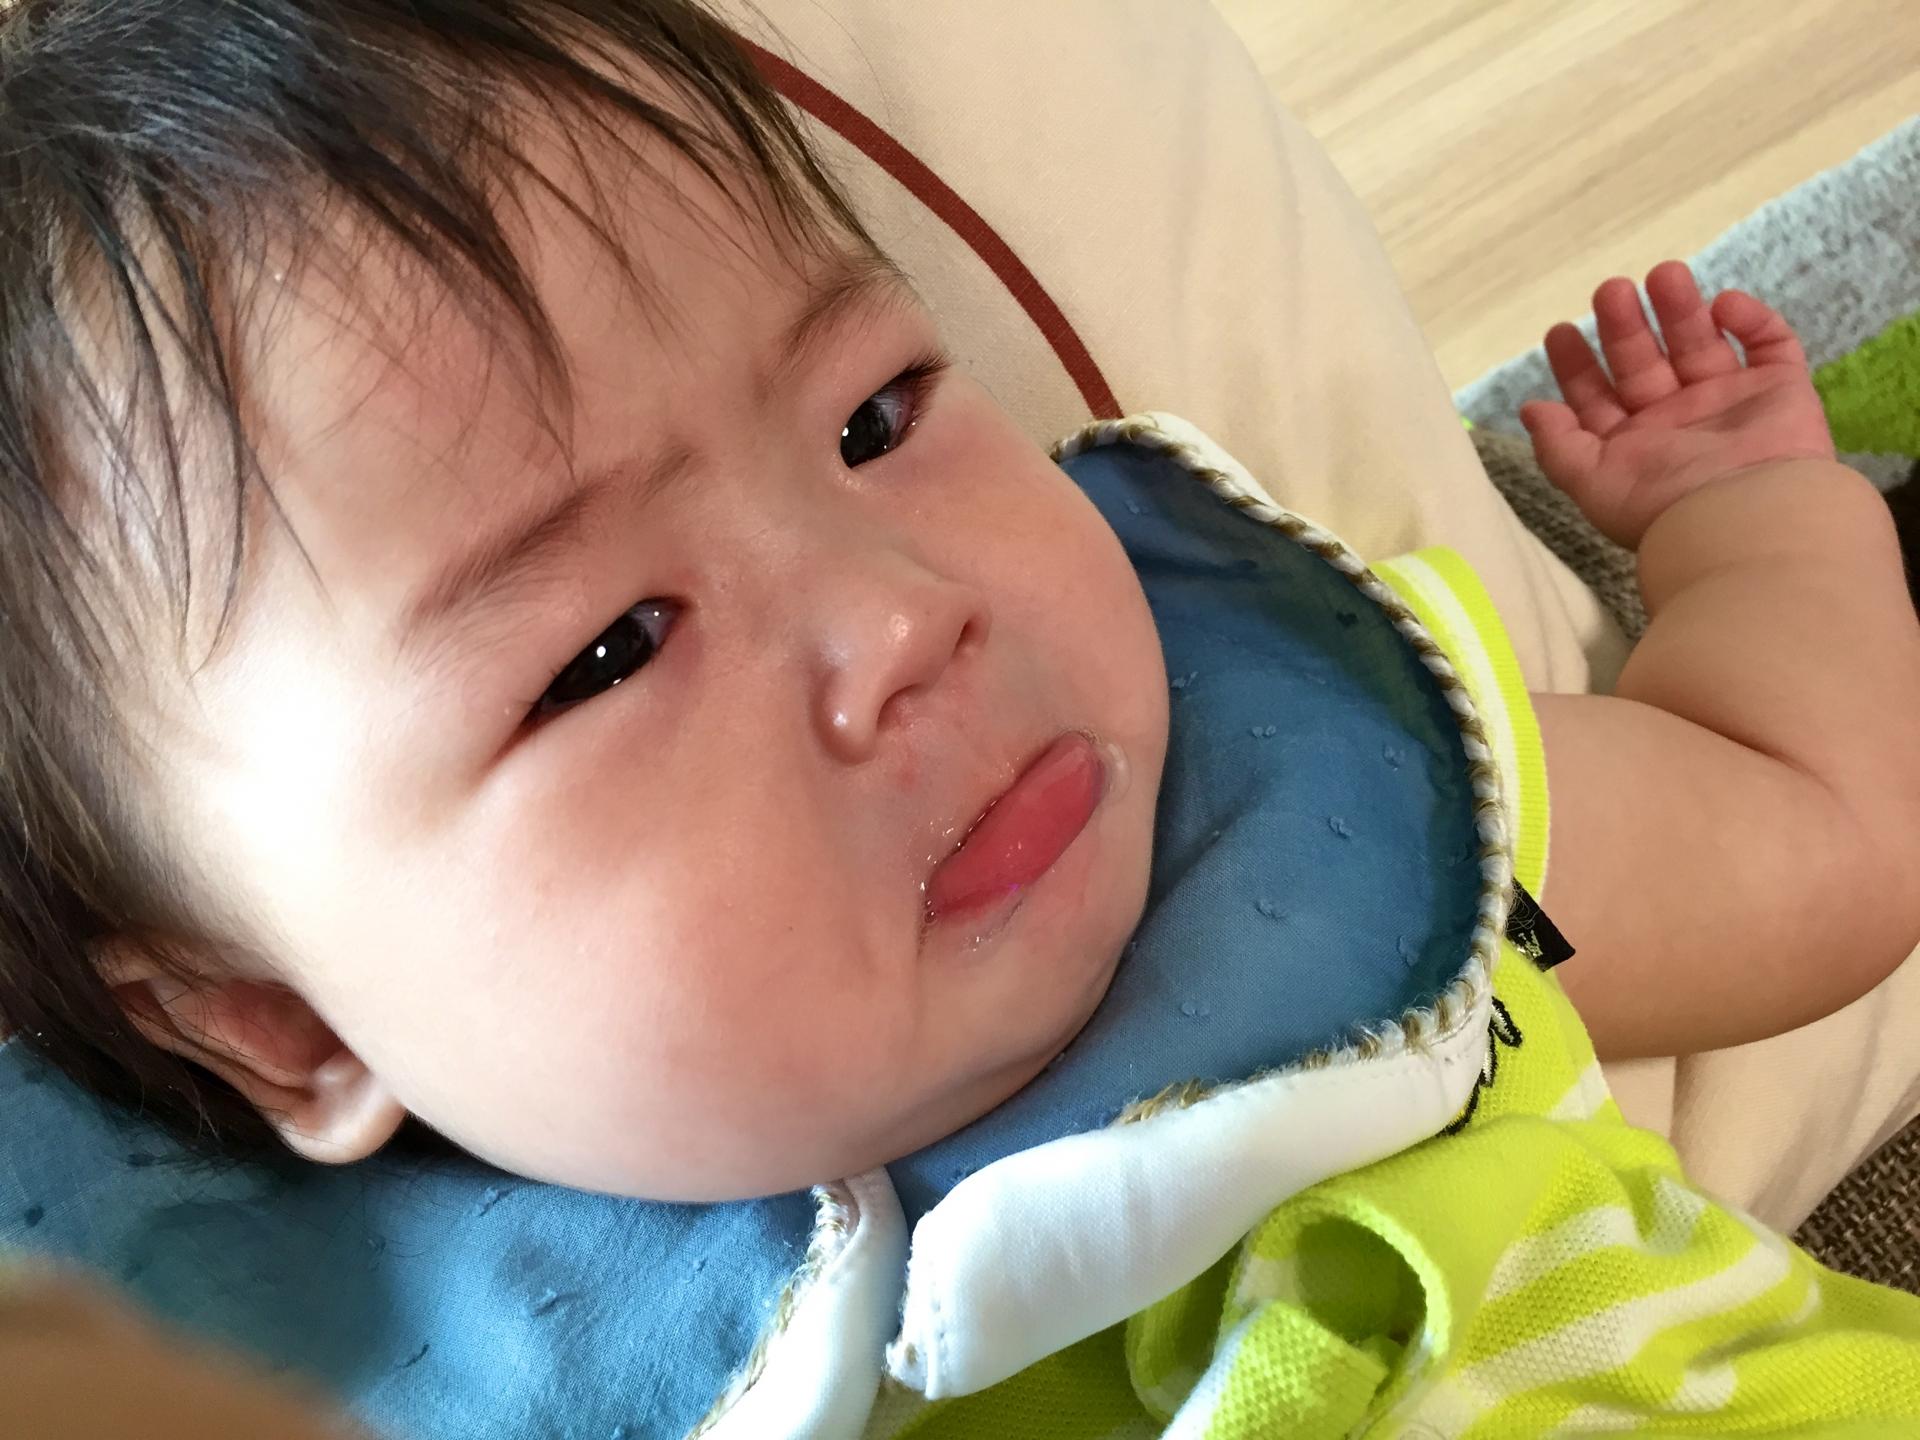 ぐずる赤ちゃんにイライラしてしまうと悩んだ時の対処法